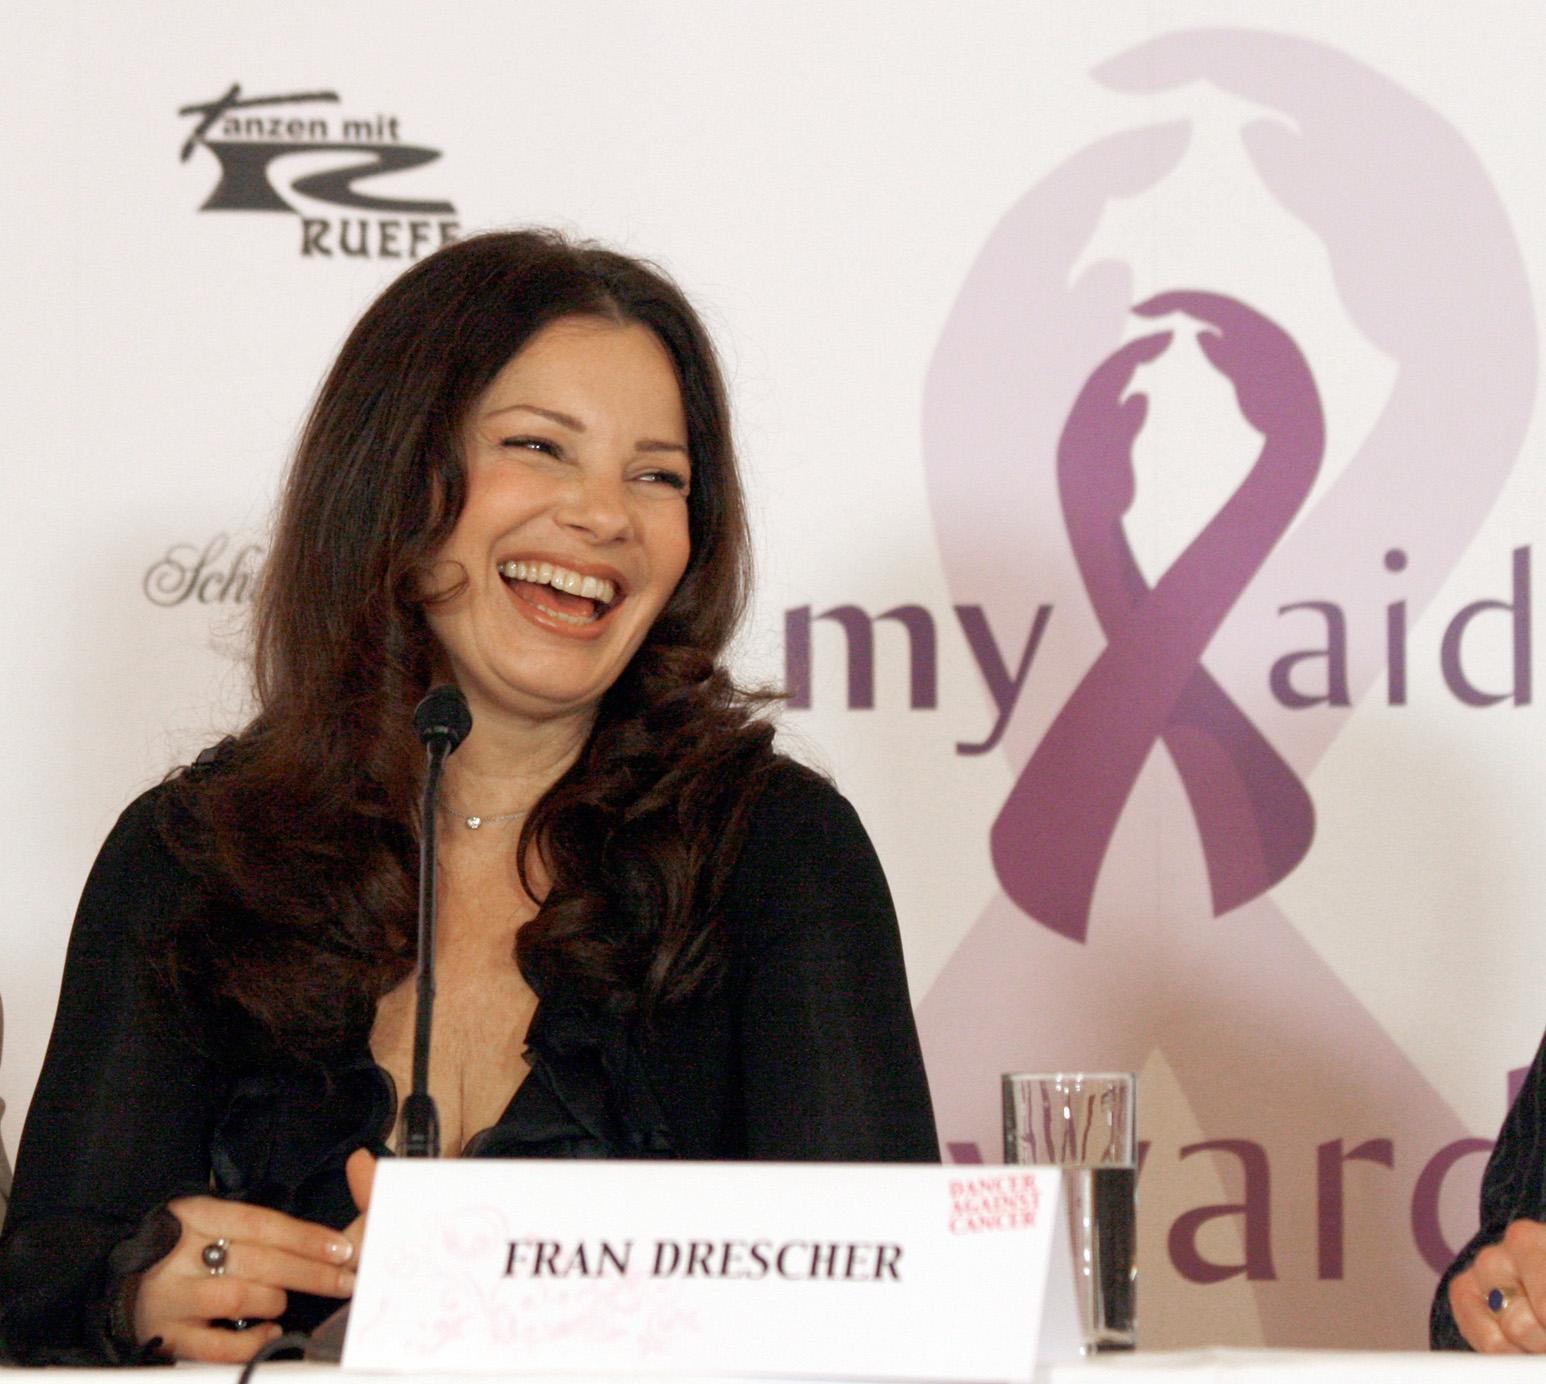 Fran drescher cancer